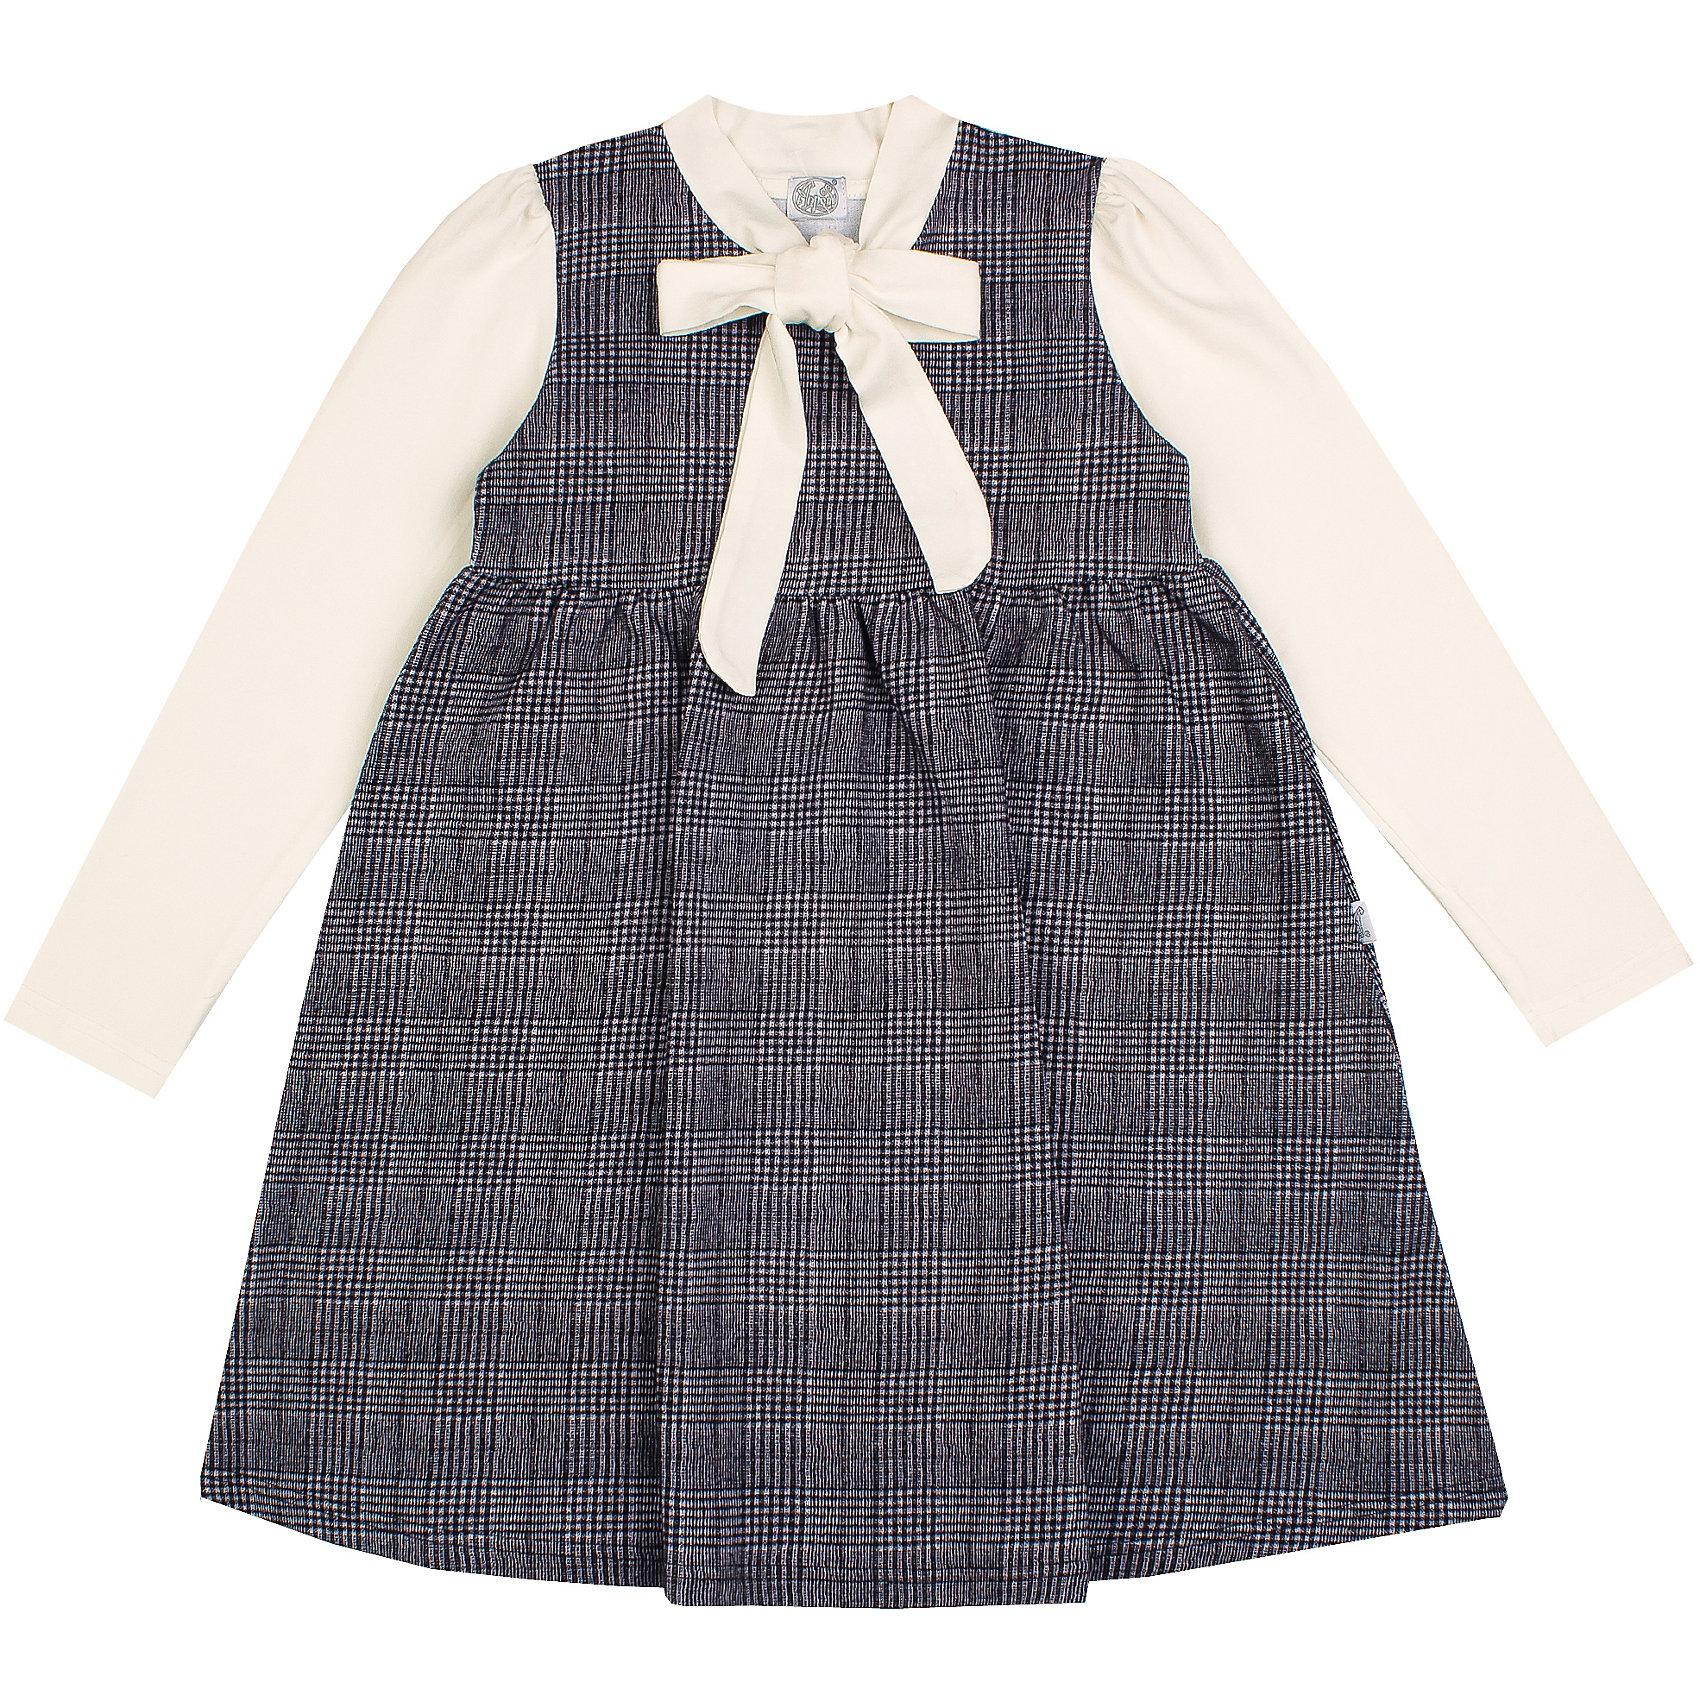 Платье Апрель для девочкиПлатья и сарафаны<br>Характеристики товара:<br><br>• цвет: серый/молочный;<br>• состав: 95% хлопок, 5% лайкра;<br>• сезон: демисезон;<br>• декоративный бантик;;<br>• застежка: молния сзади;<br>• с длинным рукавом;<br>• особенности: школьное, в клетку;<br>• страна бренда: Россия;<br>• страна производства: Россия.<br><br>Школьное платье с длинным рукавом для девочки. Серое платье в клетку. Воротничок и рукава контрастного белого цвета.<br><br>Платье для девочки Апрель можно купить в нашем интернет-магазине.<br><br>Ширина мм: 236<br>Глубина мм: 16<br>Высота мм: 184<br>Вес г: 177<br>Цвет: черный<br>Возраст от месяцев: 72<br>Возраст до месяцев: 84<br>Пол: Женский<br>Возраст: Детский<br>Размер: 122,128,134,146<br>SKU: 6981069